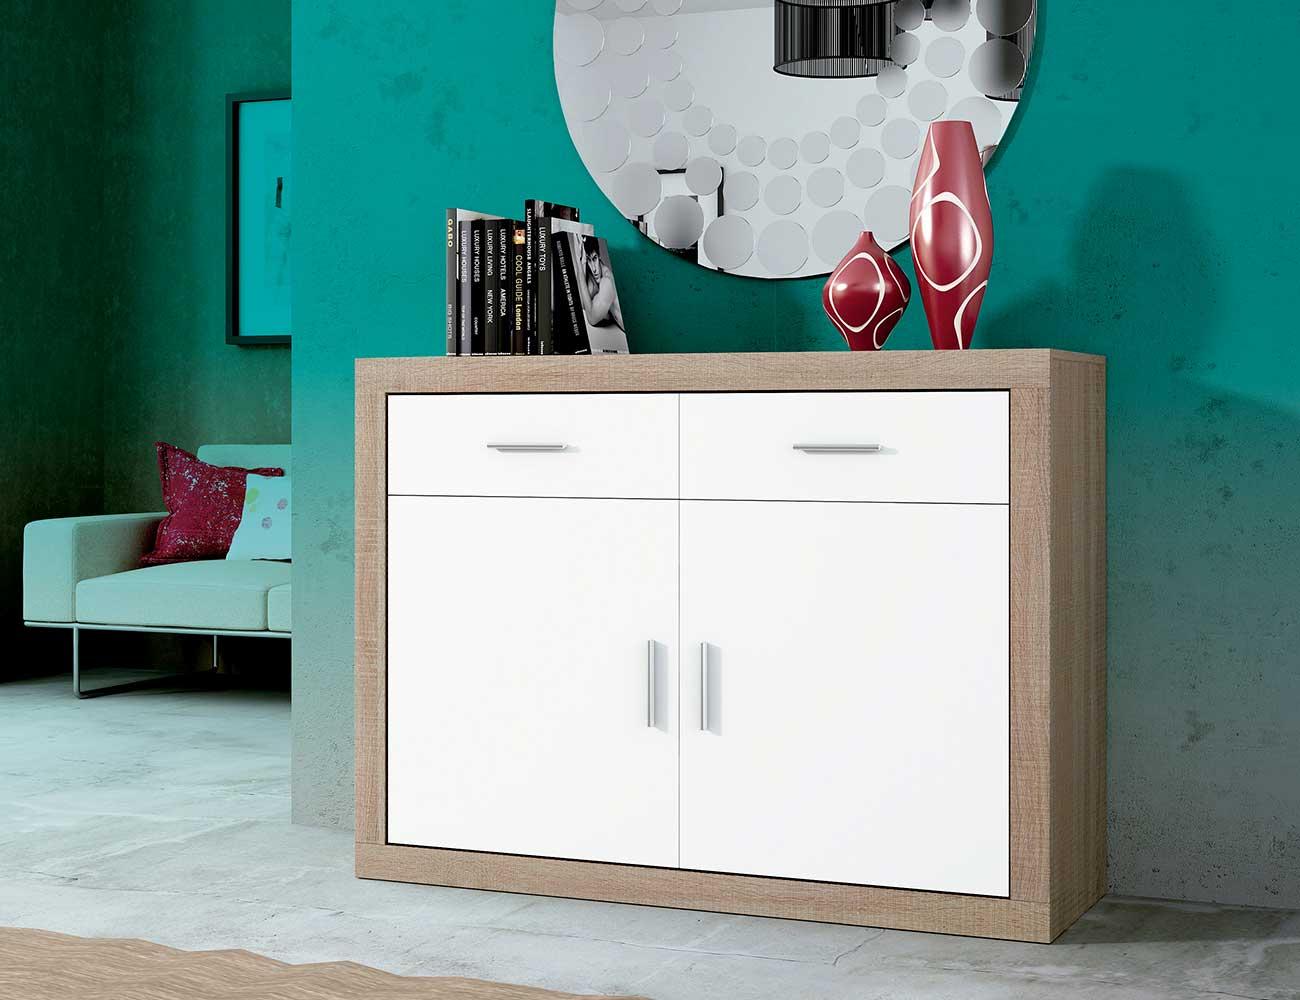 Mueble salon aparador 2 puertas cambrian blanco 120 cm11